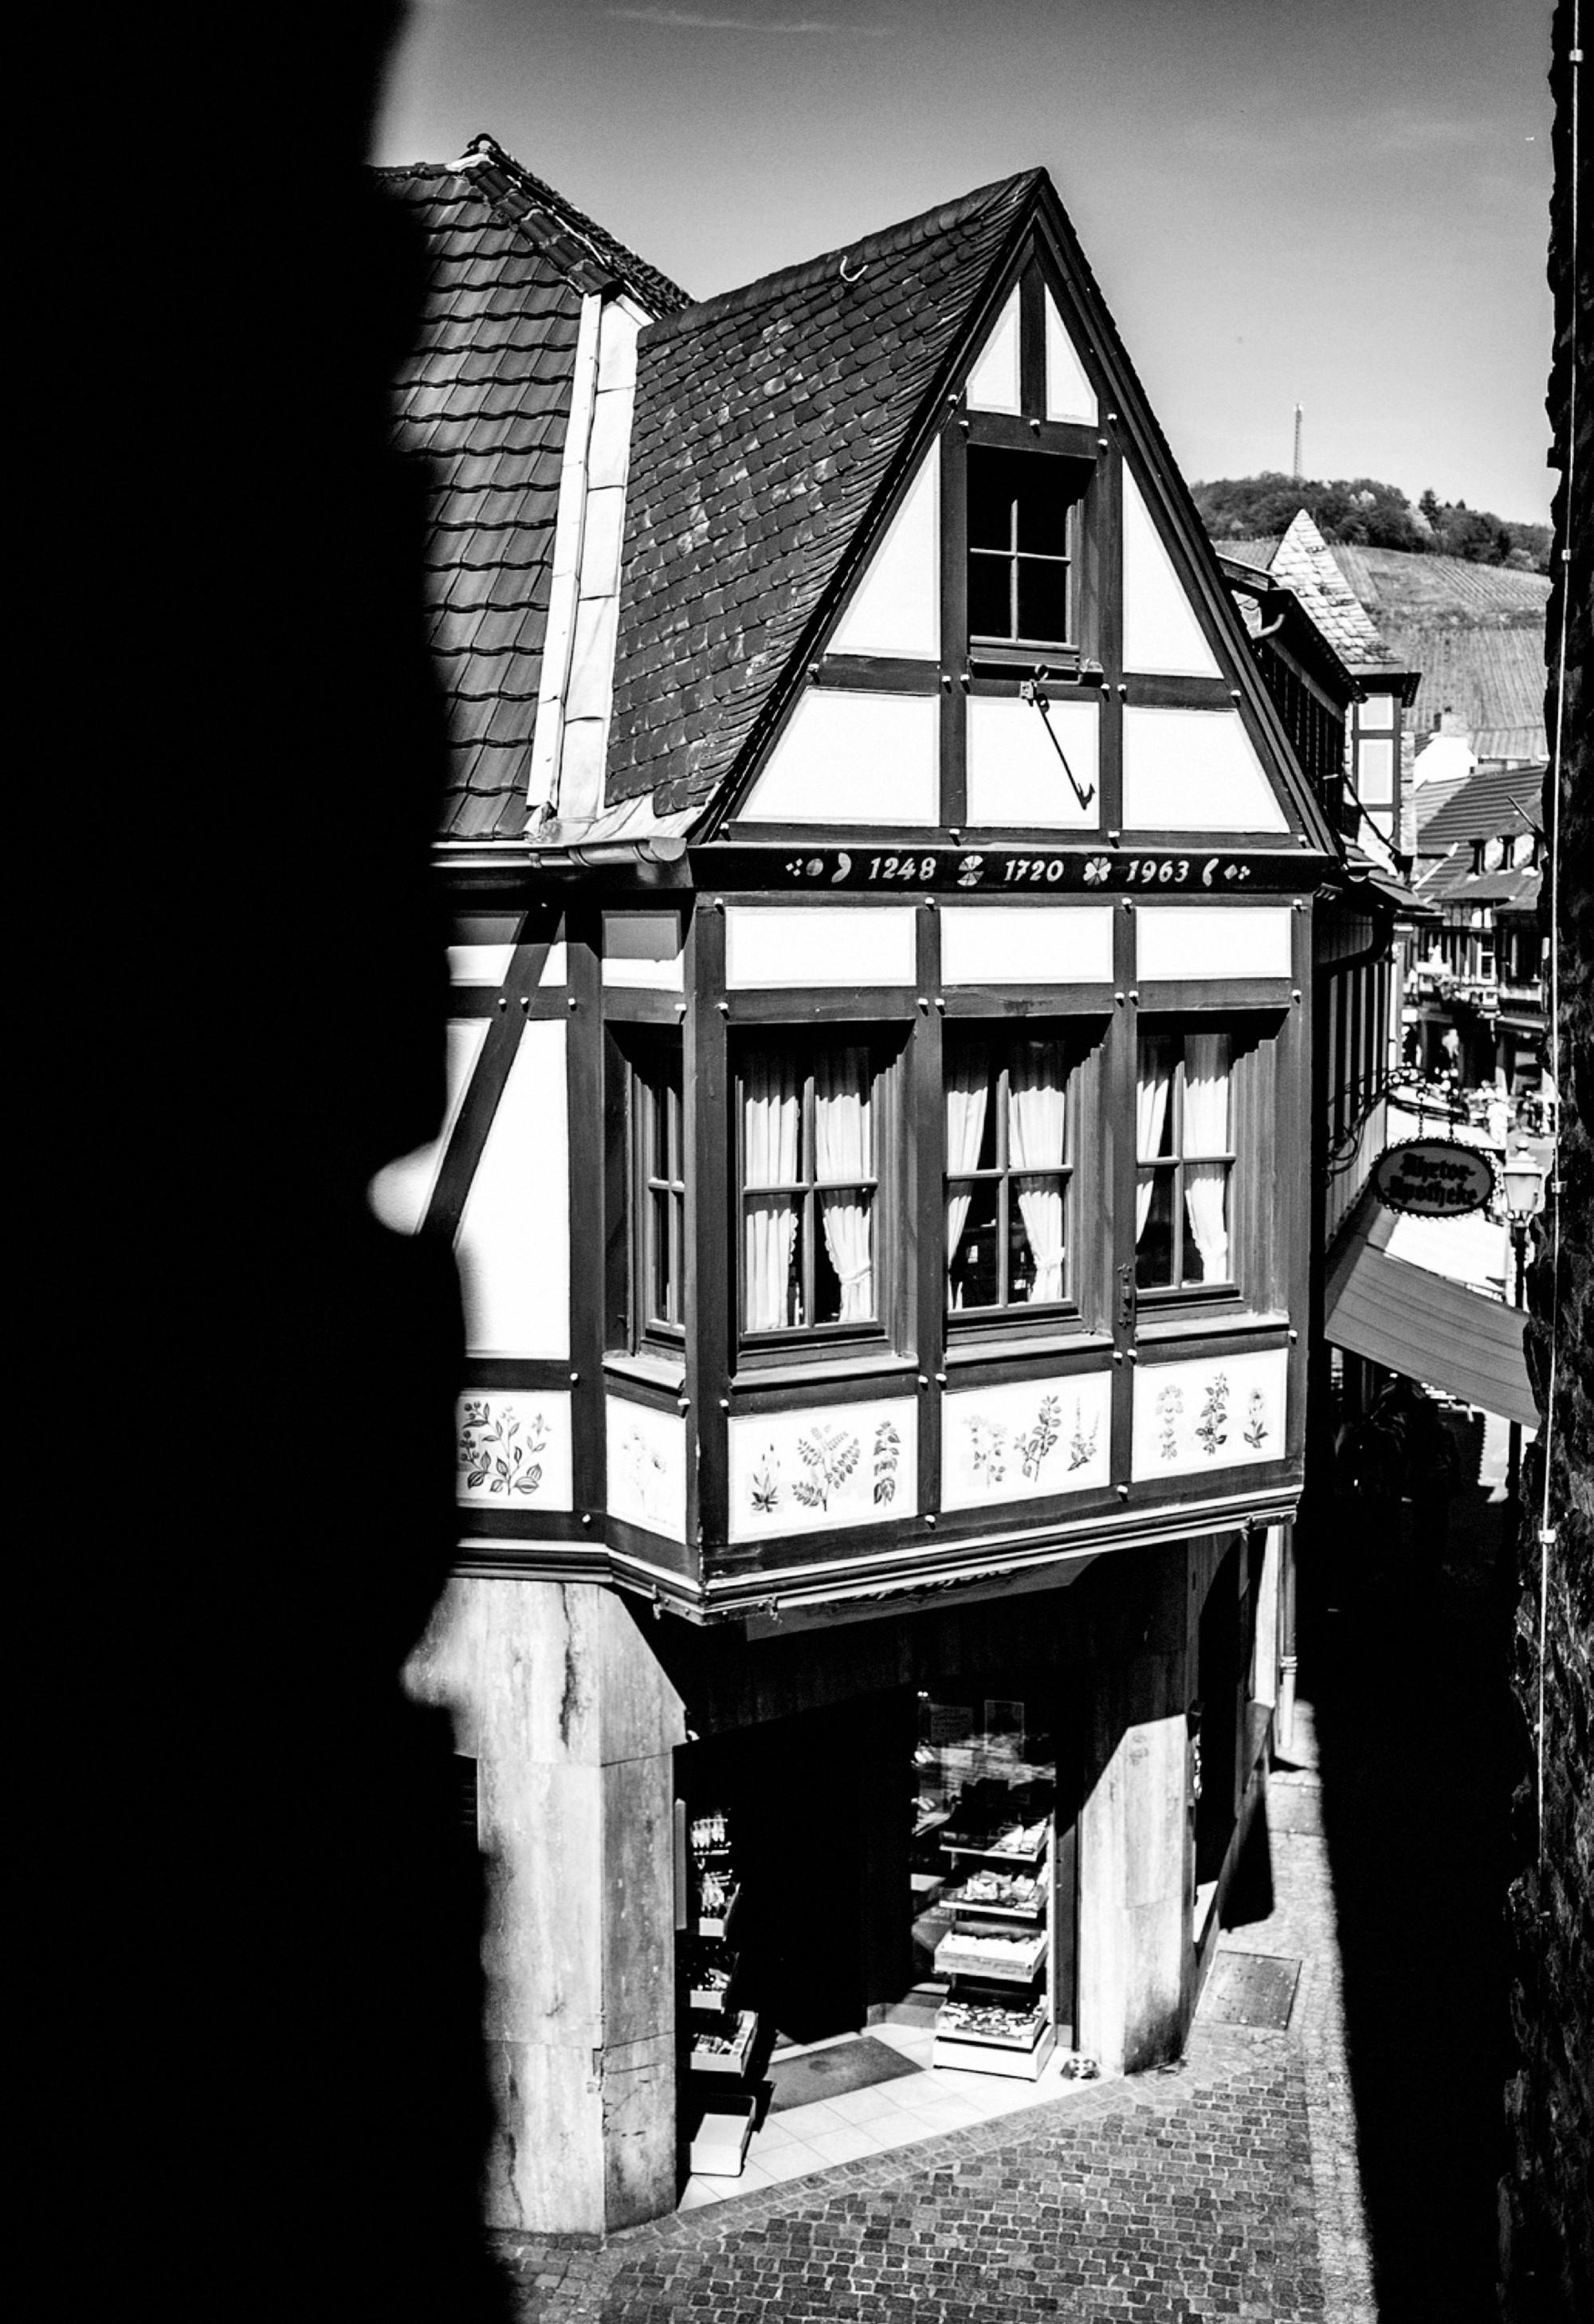 Ahrtor-Apotheke von oben